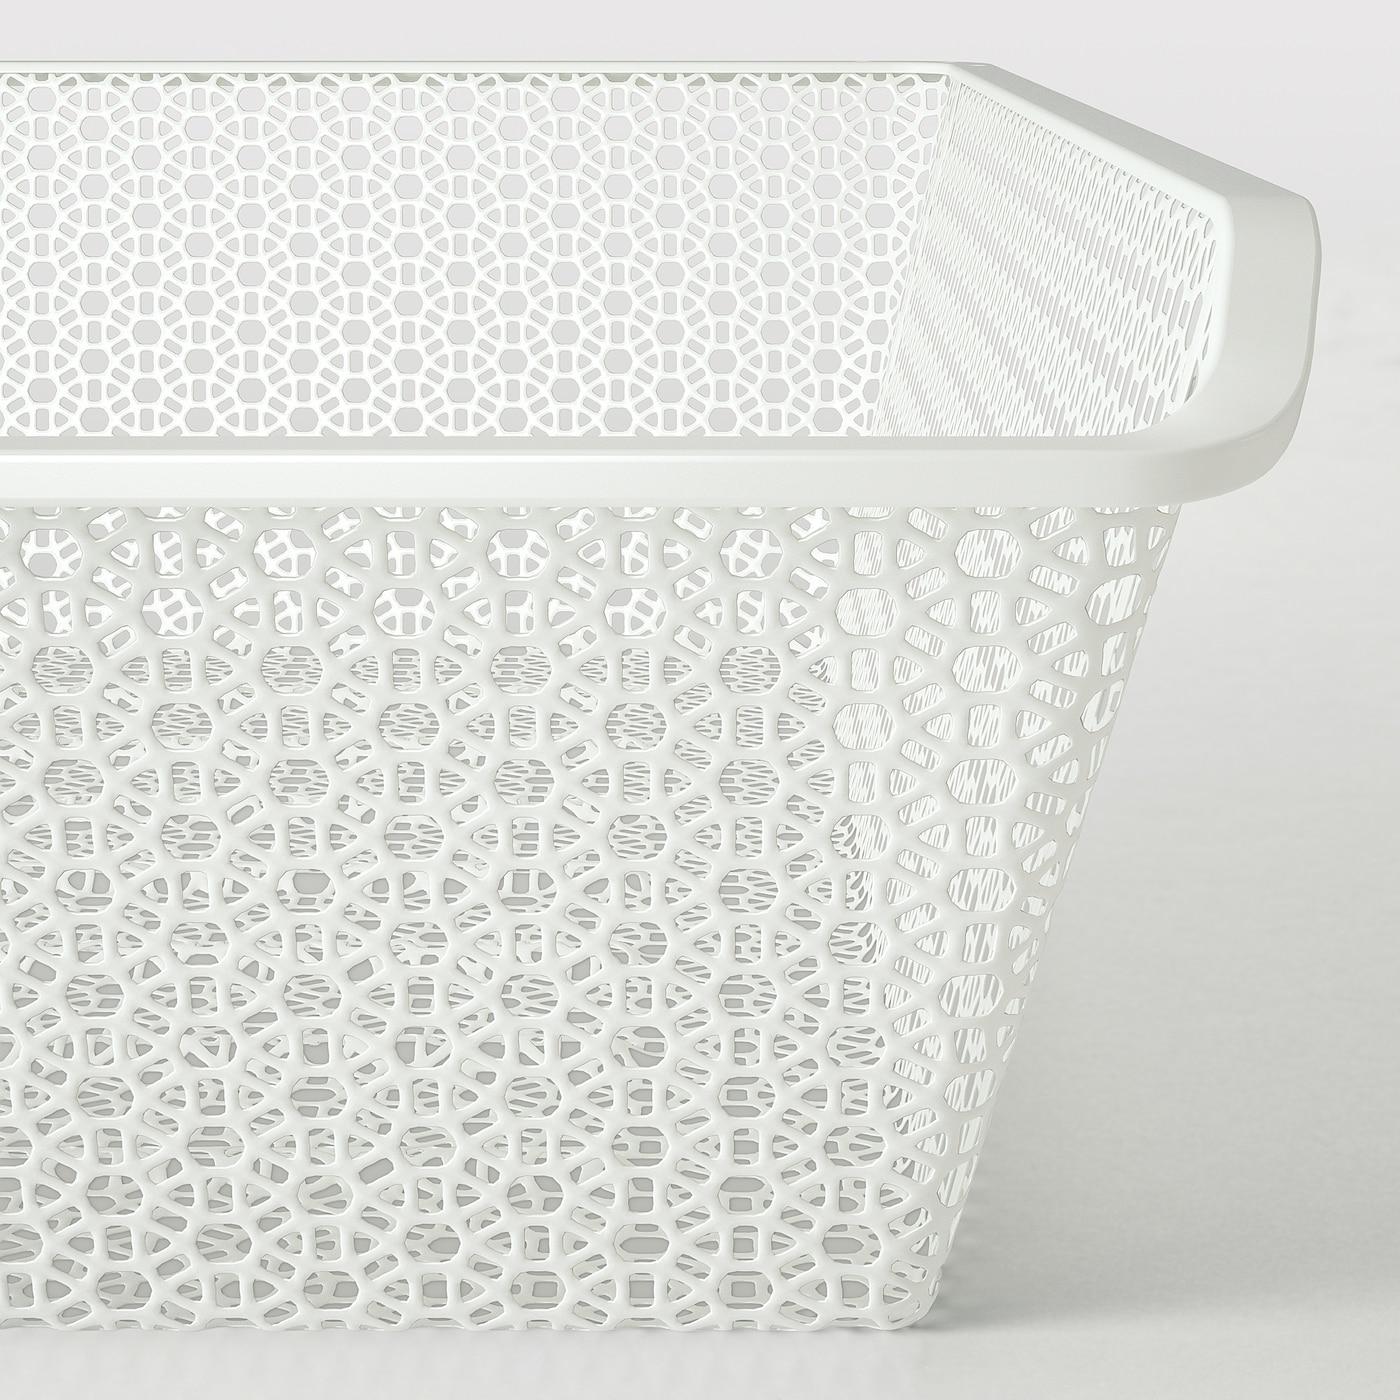 KOMPLEMENT سلة معدنية, منقوش/أبيض, 100x58 سم